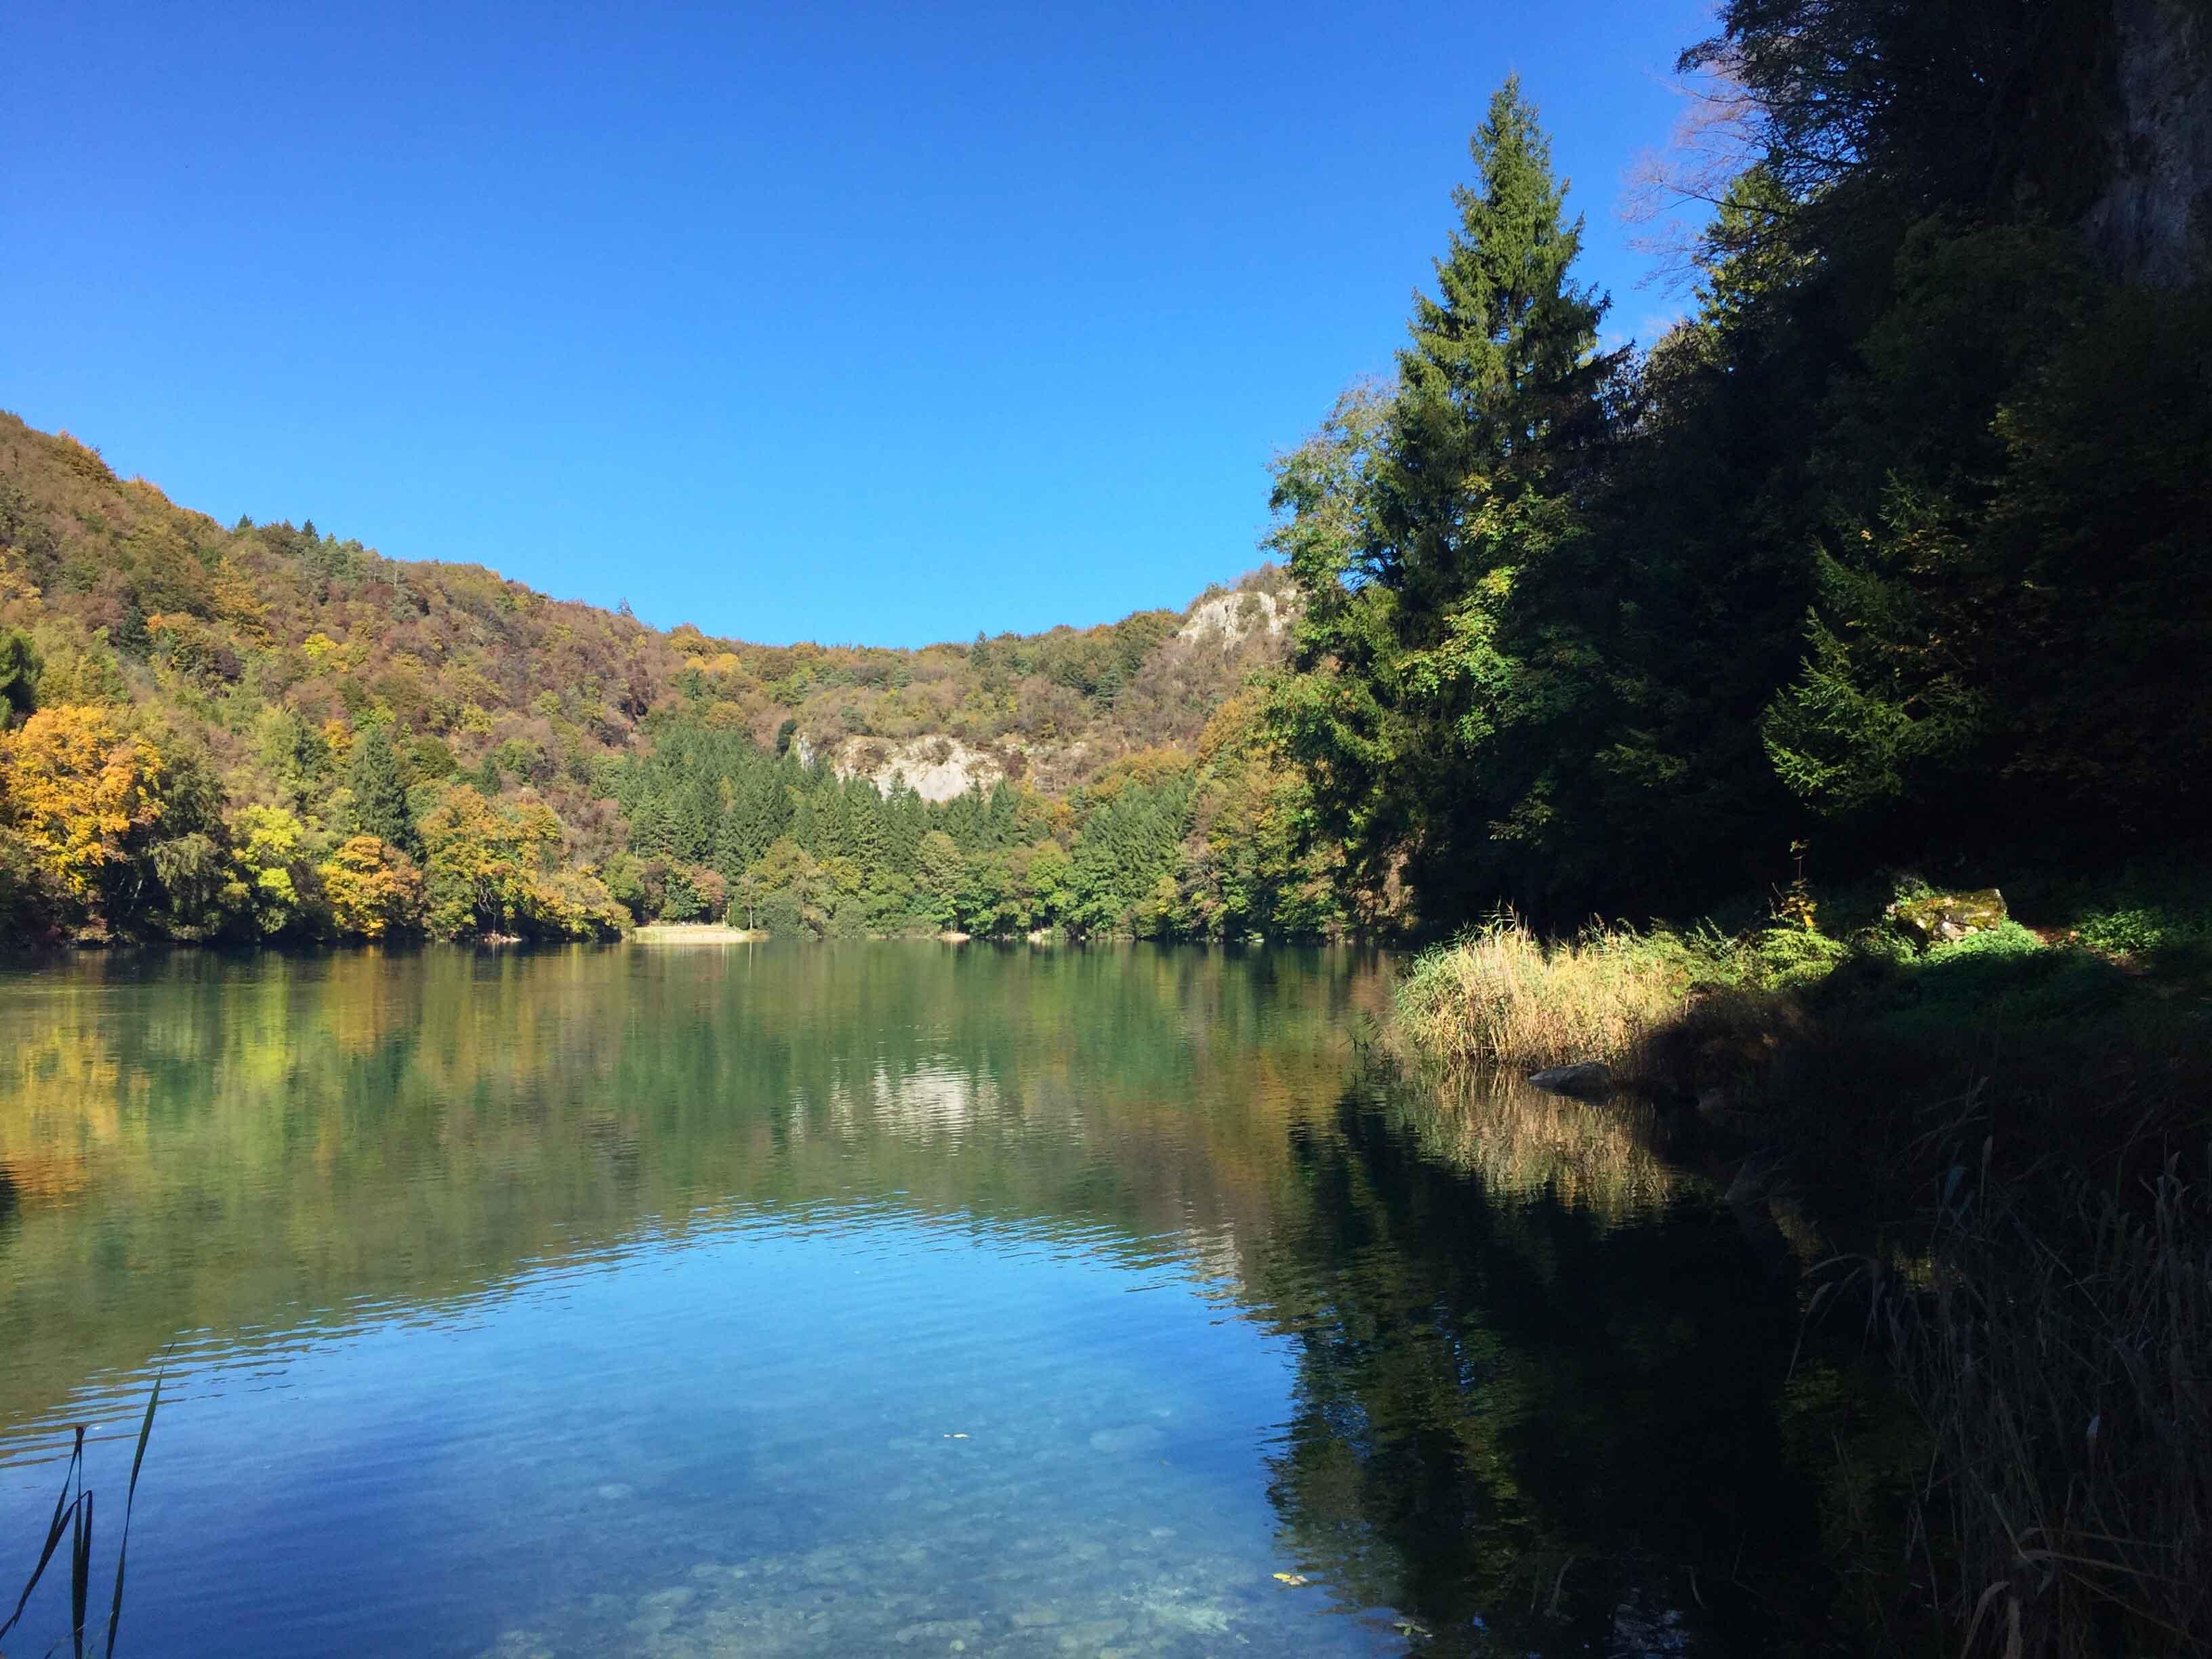 Domenica 29 ottobre 2017 – Terlago ed i suoi laghi